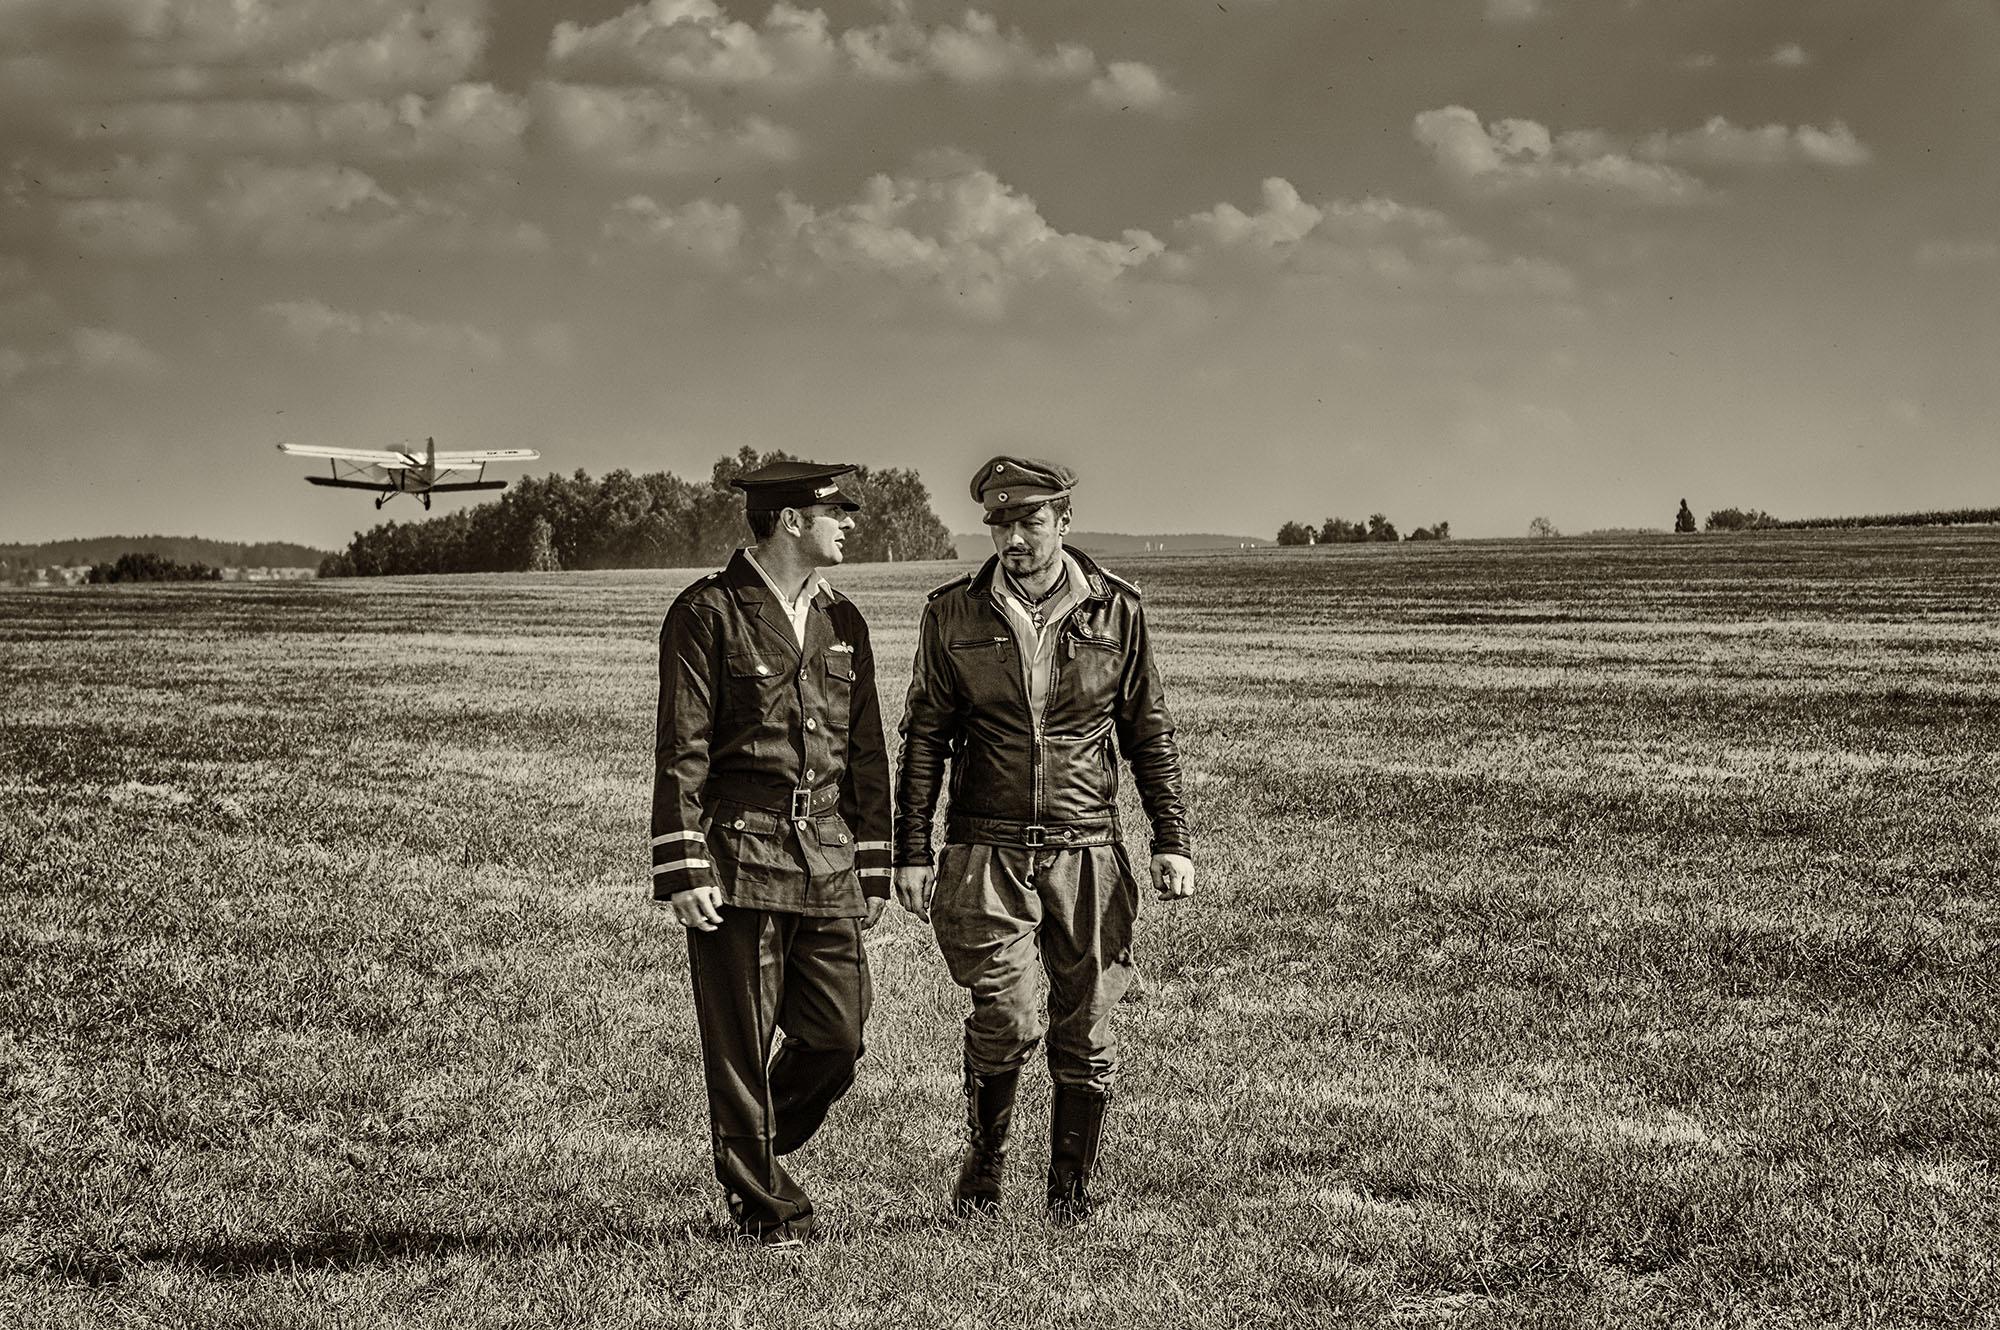 historická fotka letců první světové války od Jan Stojan Photography ©